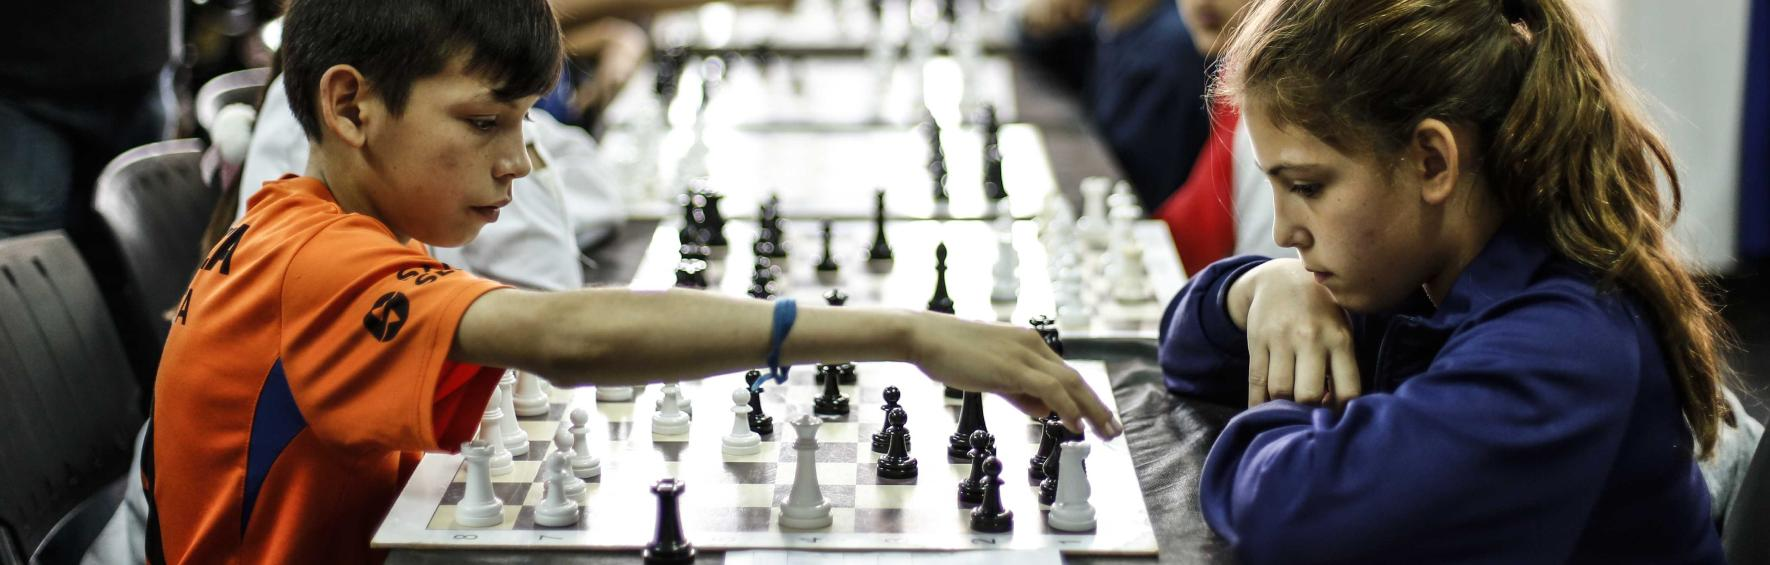 Taller de ajedrez para niñas y niños